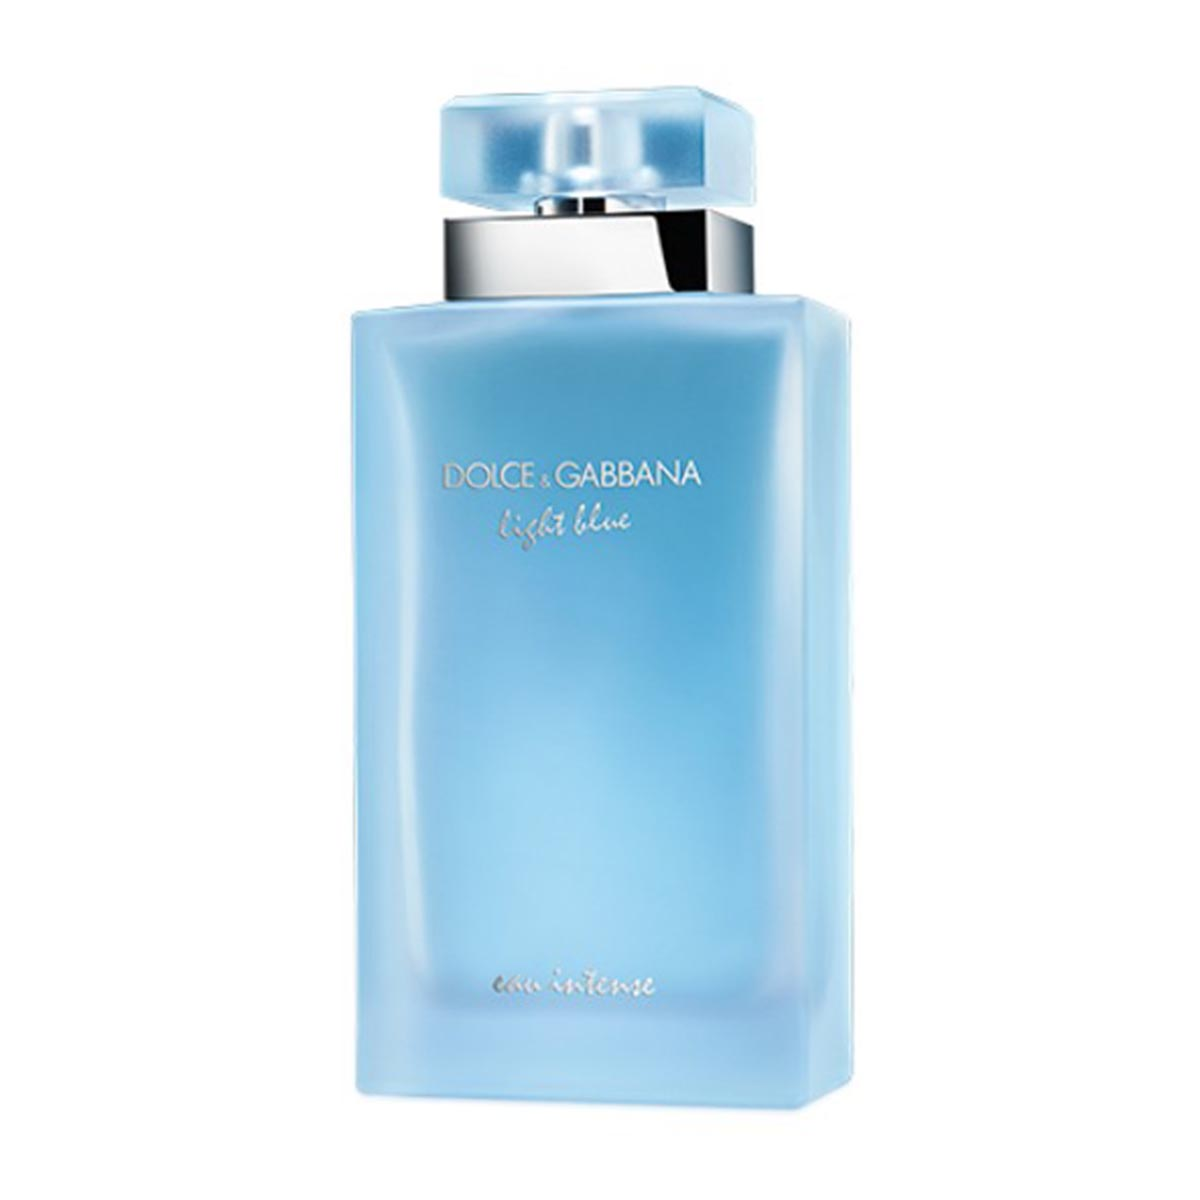 Dolce gabbana light blue eau intense eau de parfum 25ml vaporizador